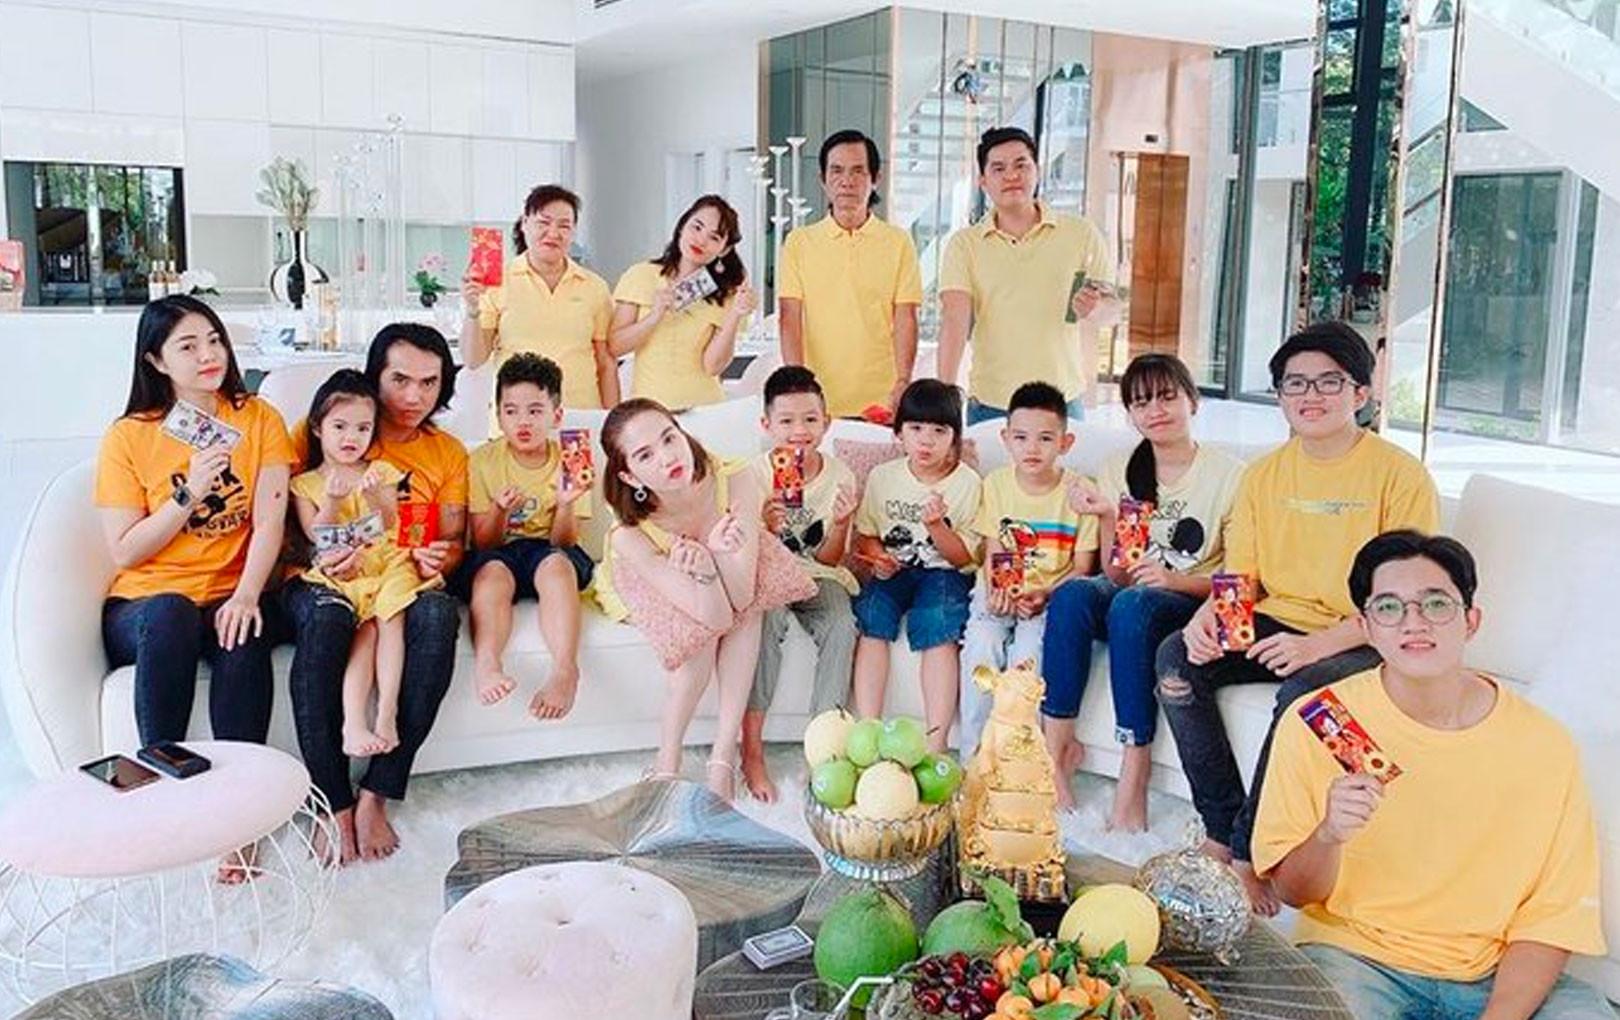 """Mùng 1 Tết Canh Tý: Đông Nhi - Ông Cao Thắng """"lót bao"""" chờ khách, gia đình Ngọc Trinh đồng bộ vàng rực"""